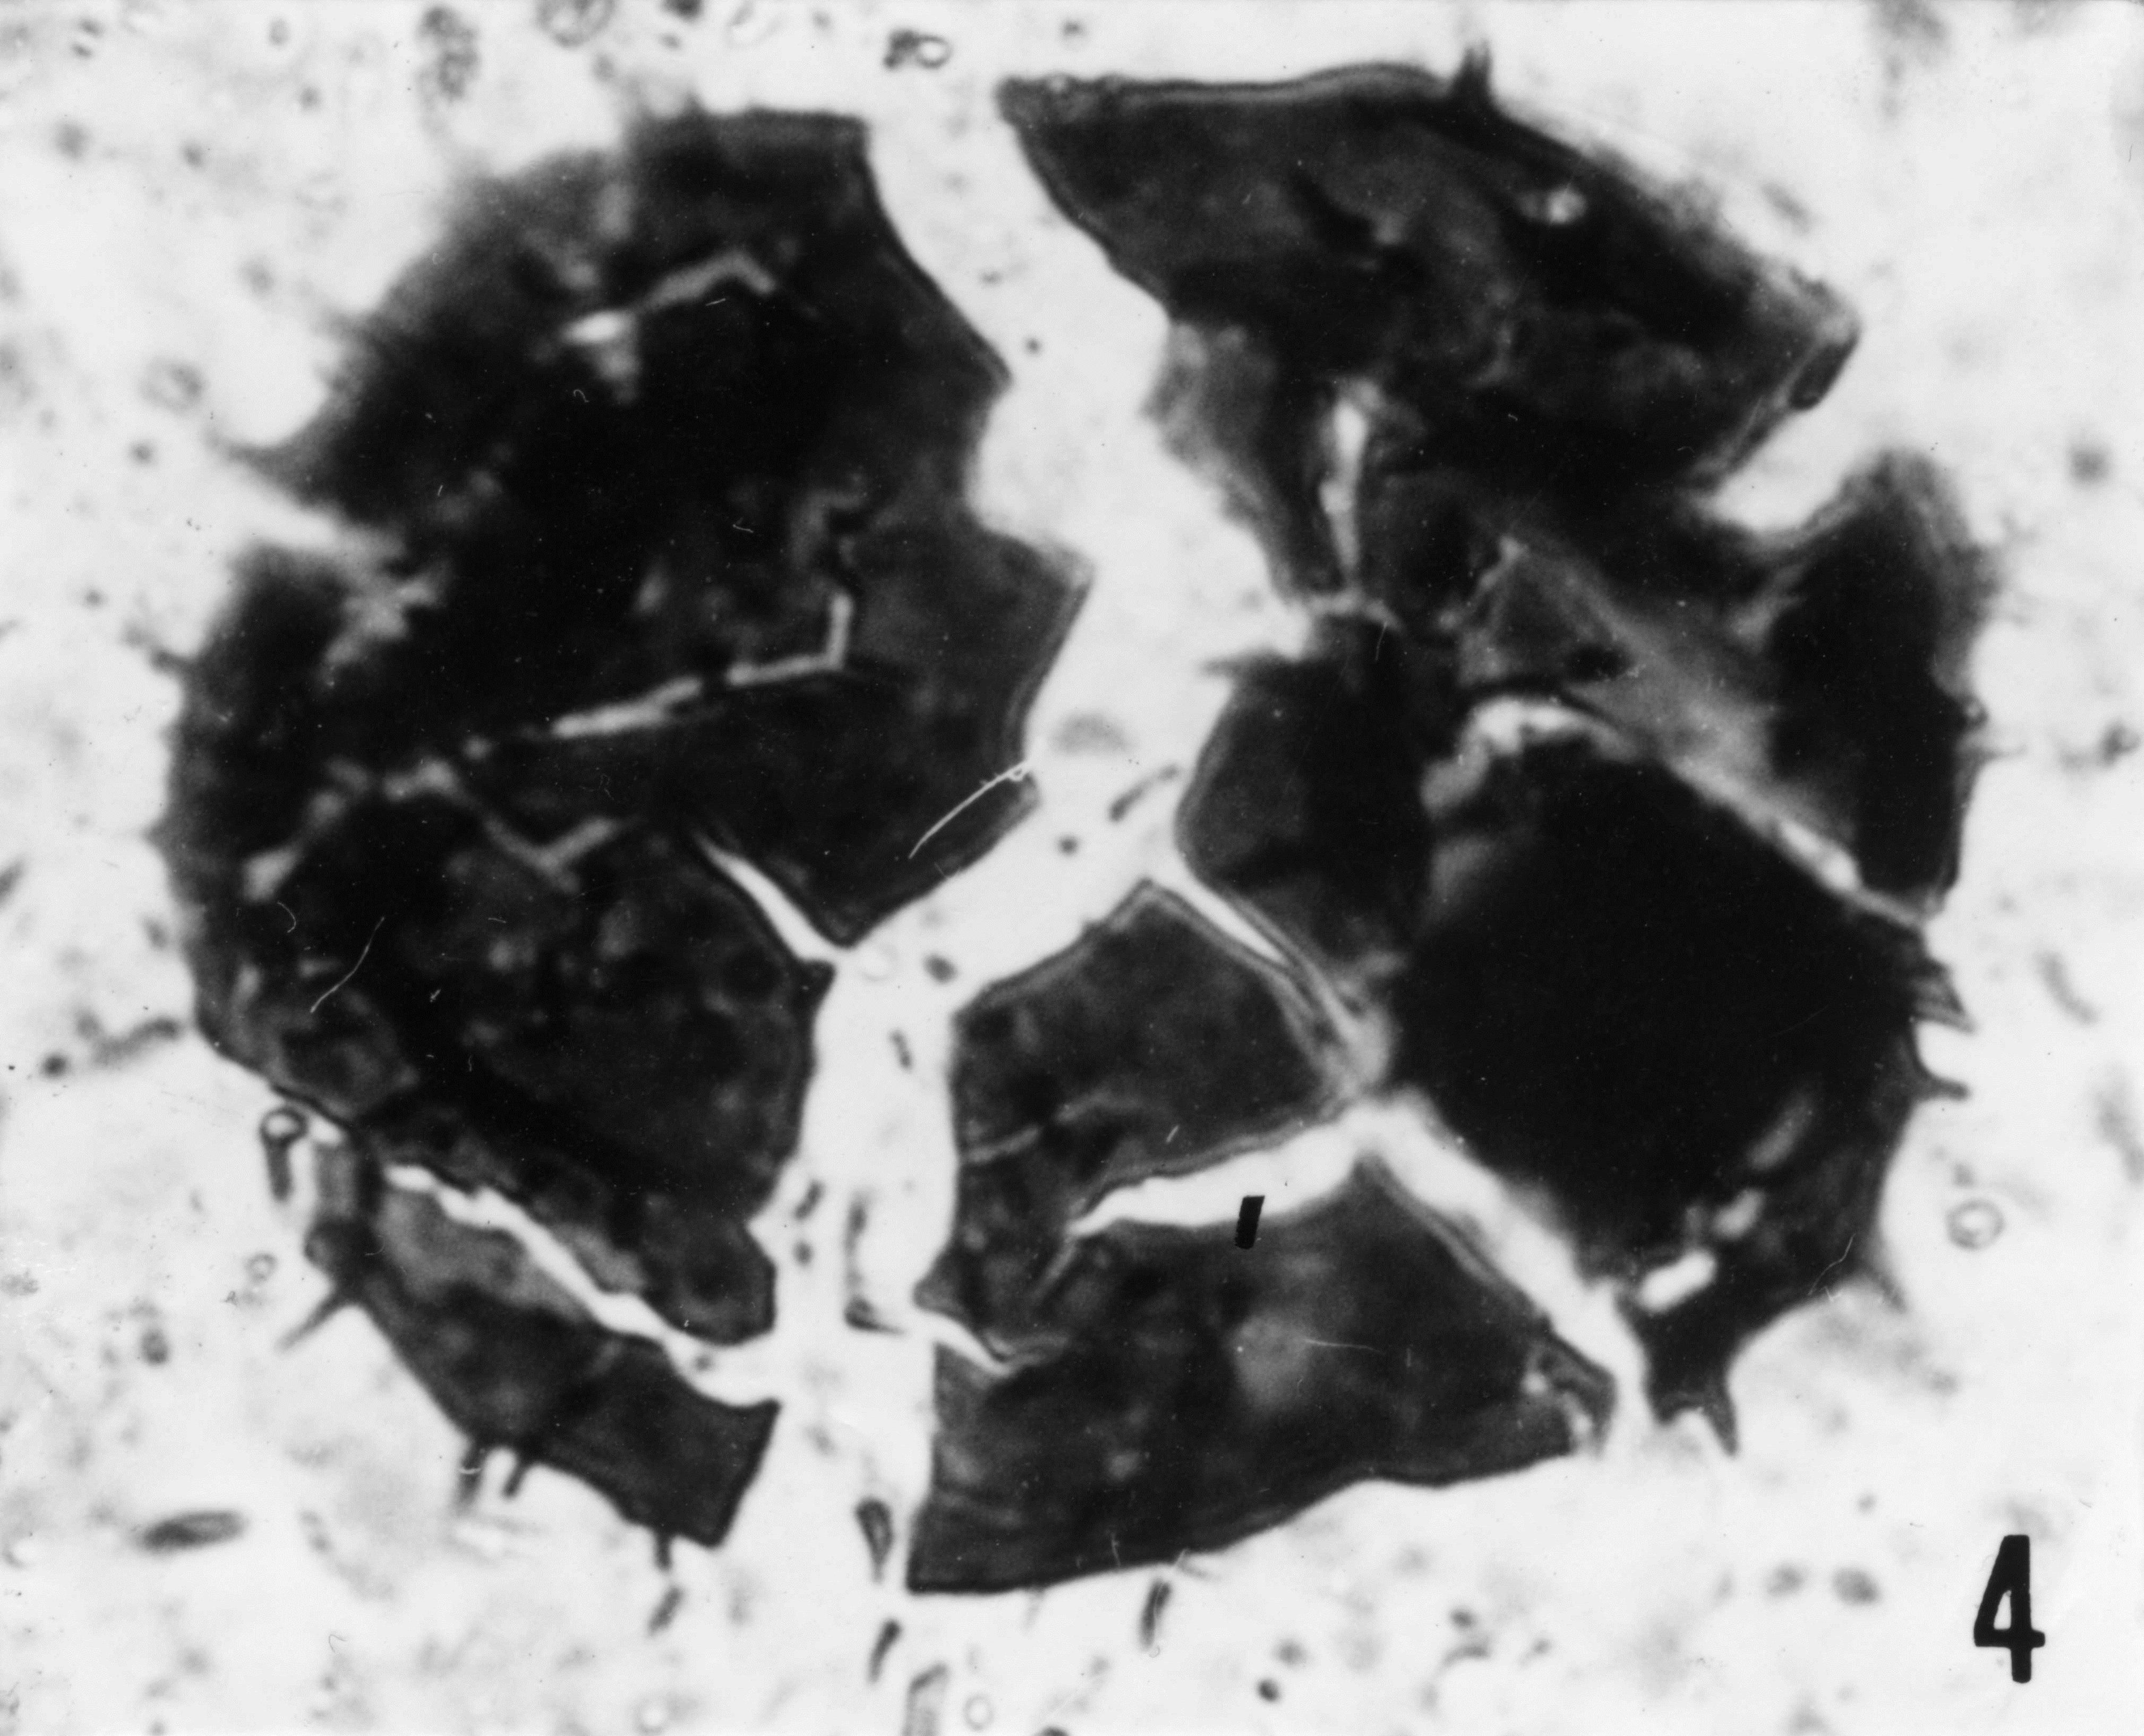 Fig. 4 - Acanthodiacrodium sp. fissuré en éléments de mosaïque. Lame mince. La Roquemaillère : ROQ-2. b 438.